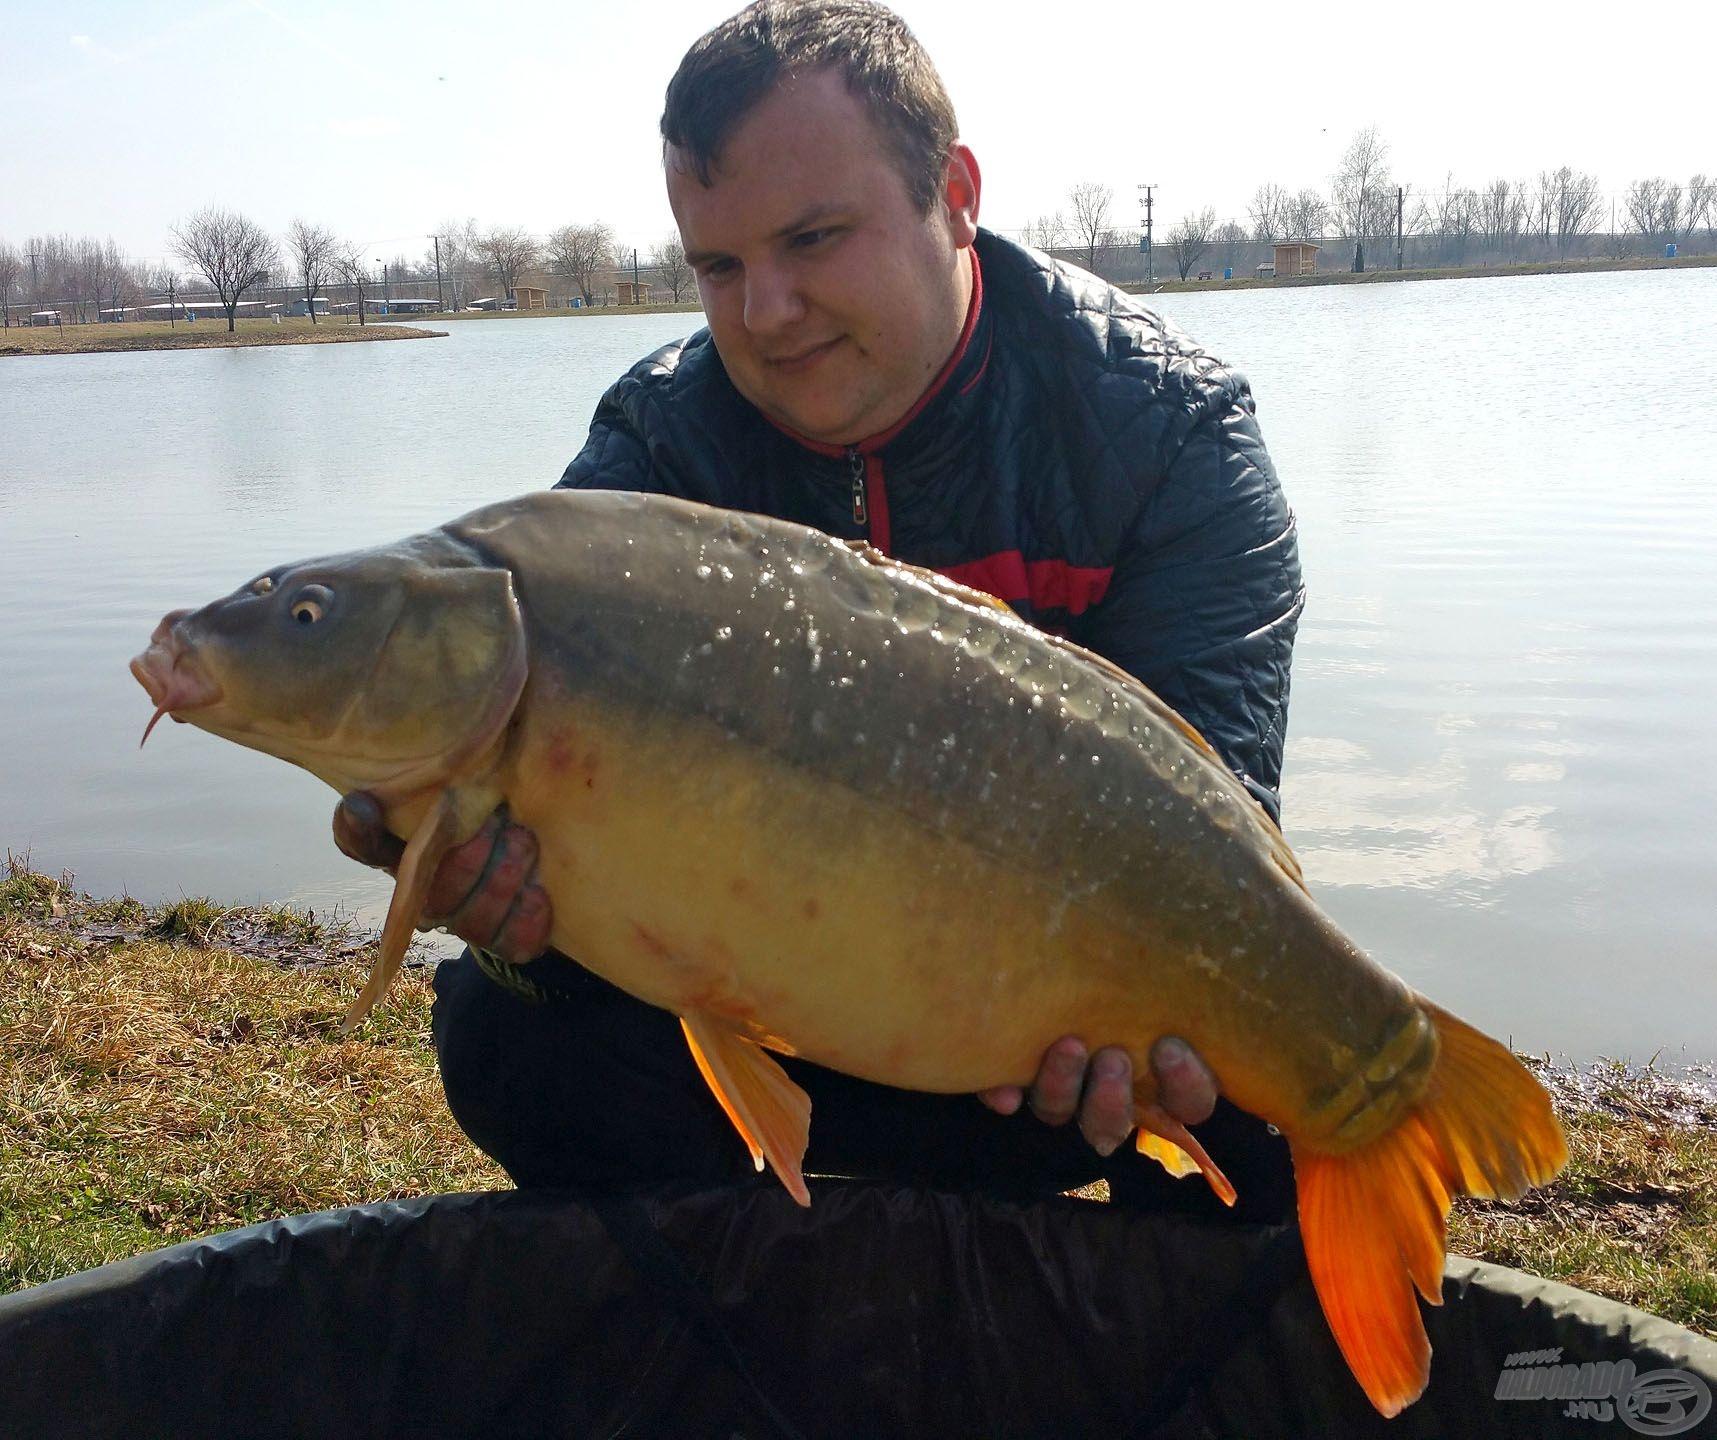 Újabb szép hal(ak)nak örülhetett Gergő, jól alakult a horgászat!